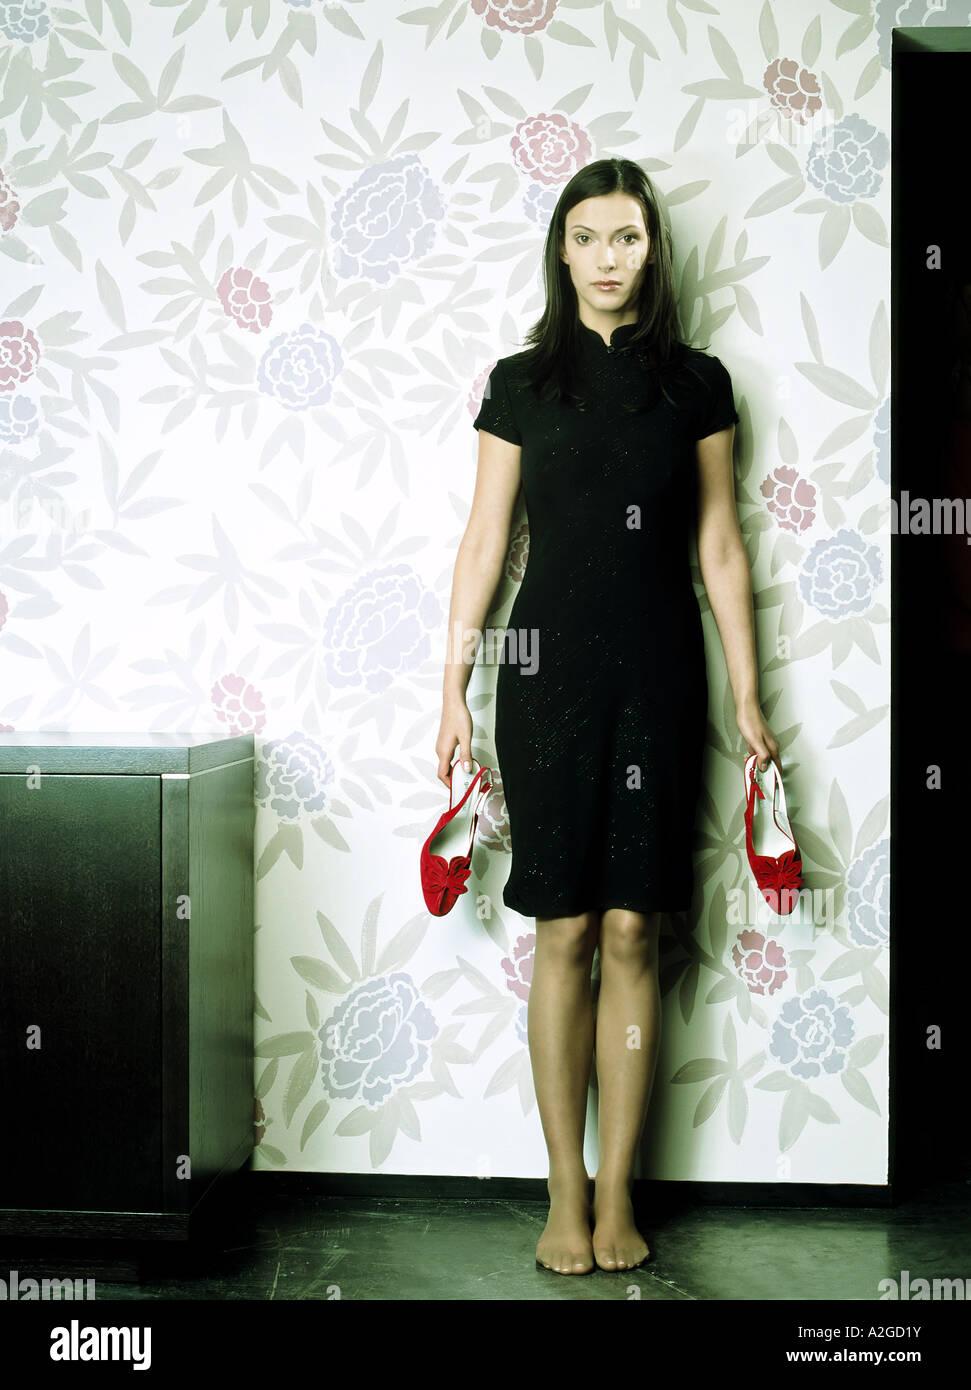 Piscine télévision prix jeune femme brune cheveux longs 2530 robe rouge noir chaussure tenir le pied de Photo Stock